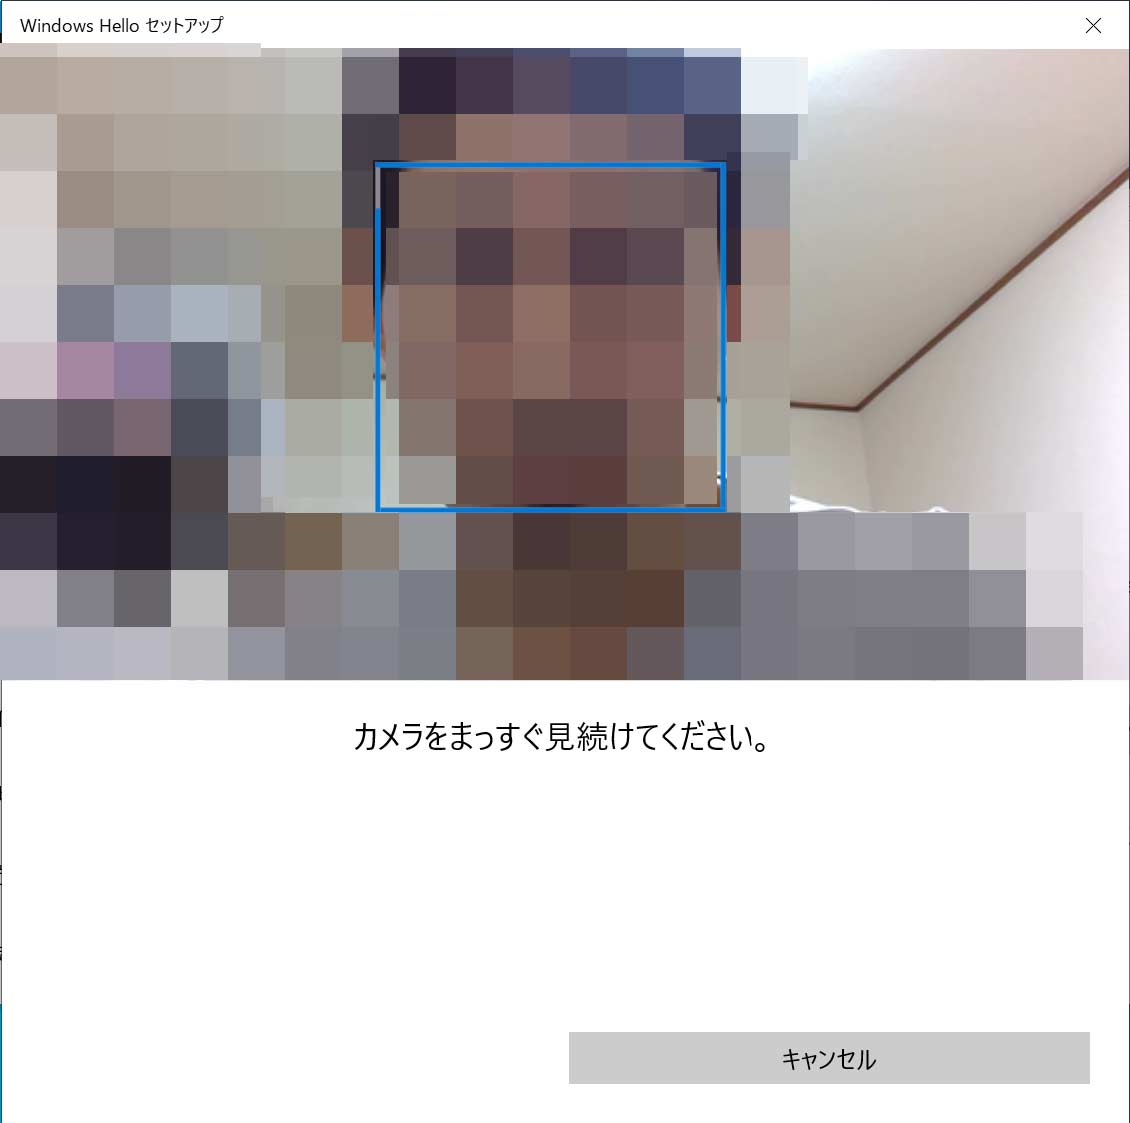 Windows Hello セットアップ画面